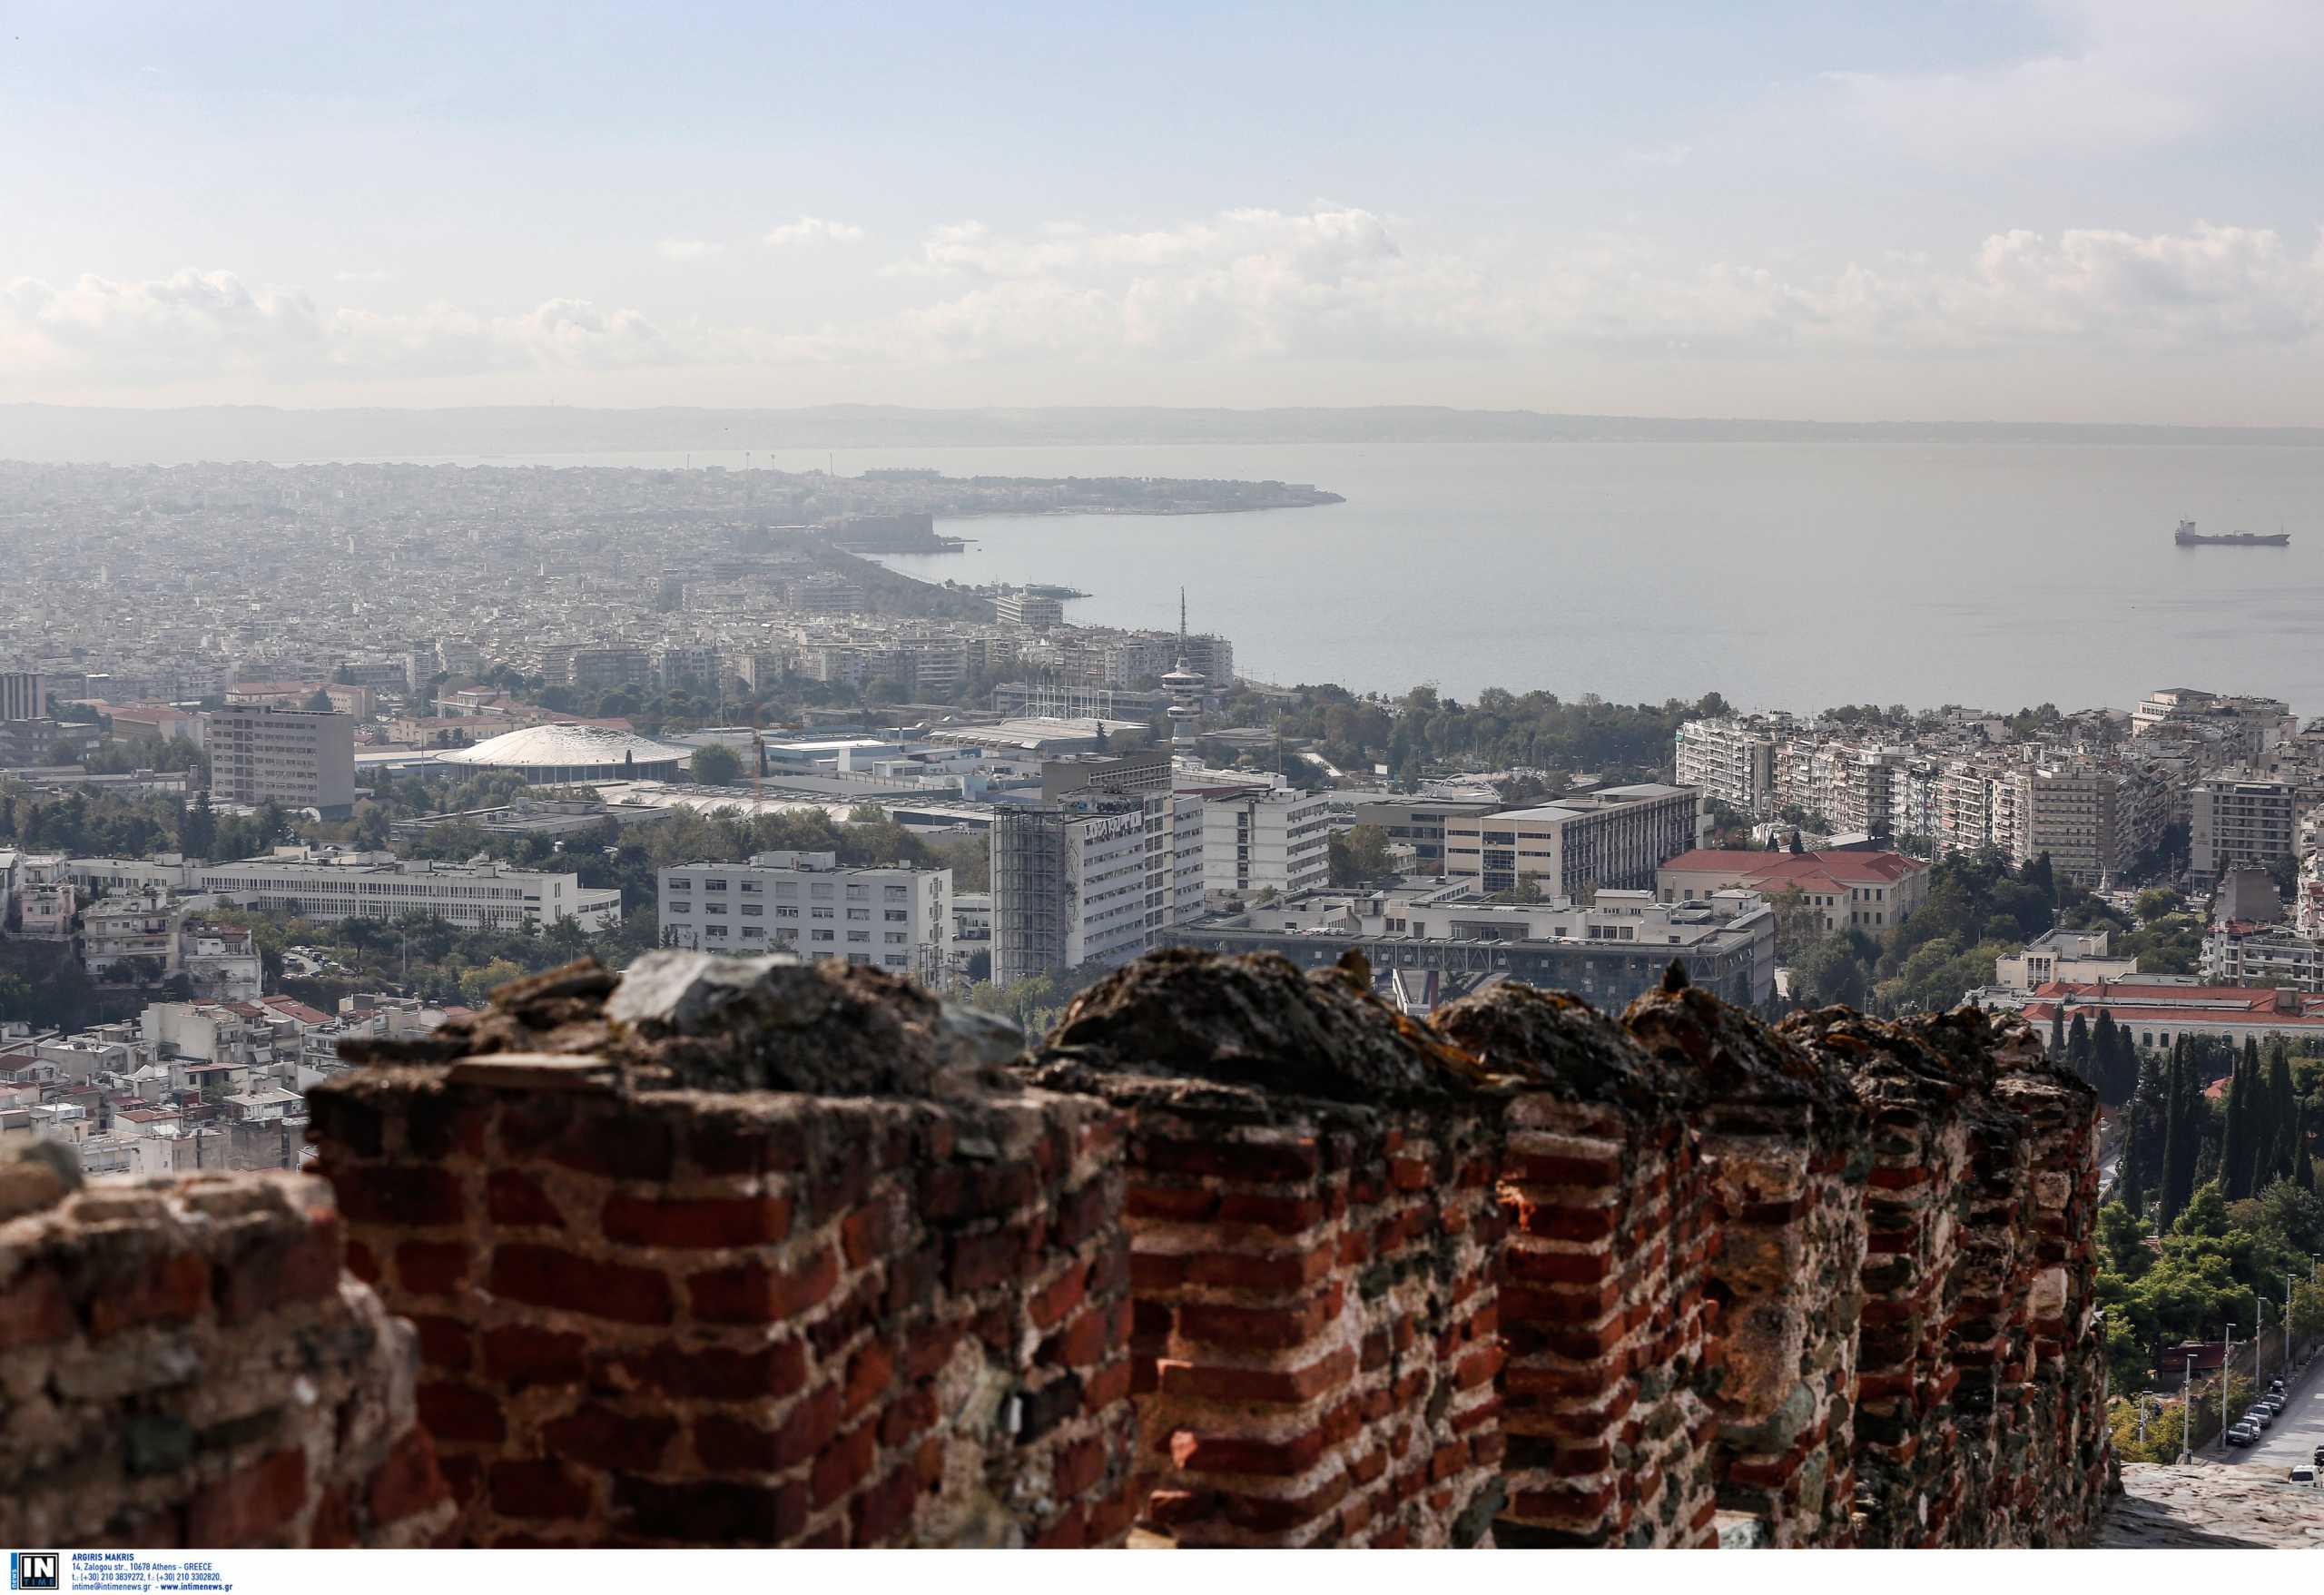 Πρύτανης ΑΠΘ: Πολύ καλά τα νέα για τα λύματα της Θεσσαλονίκης